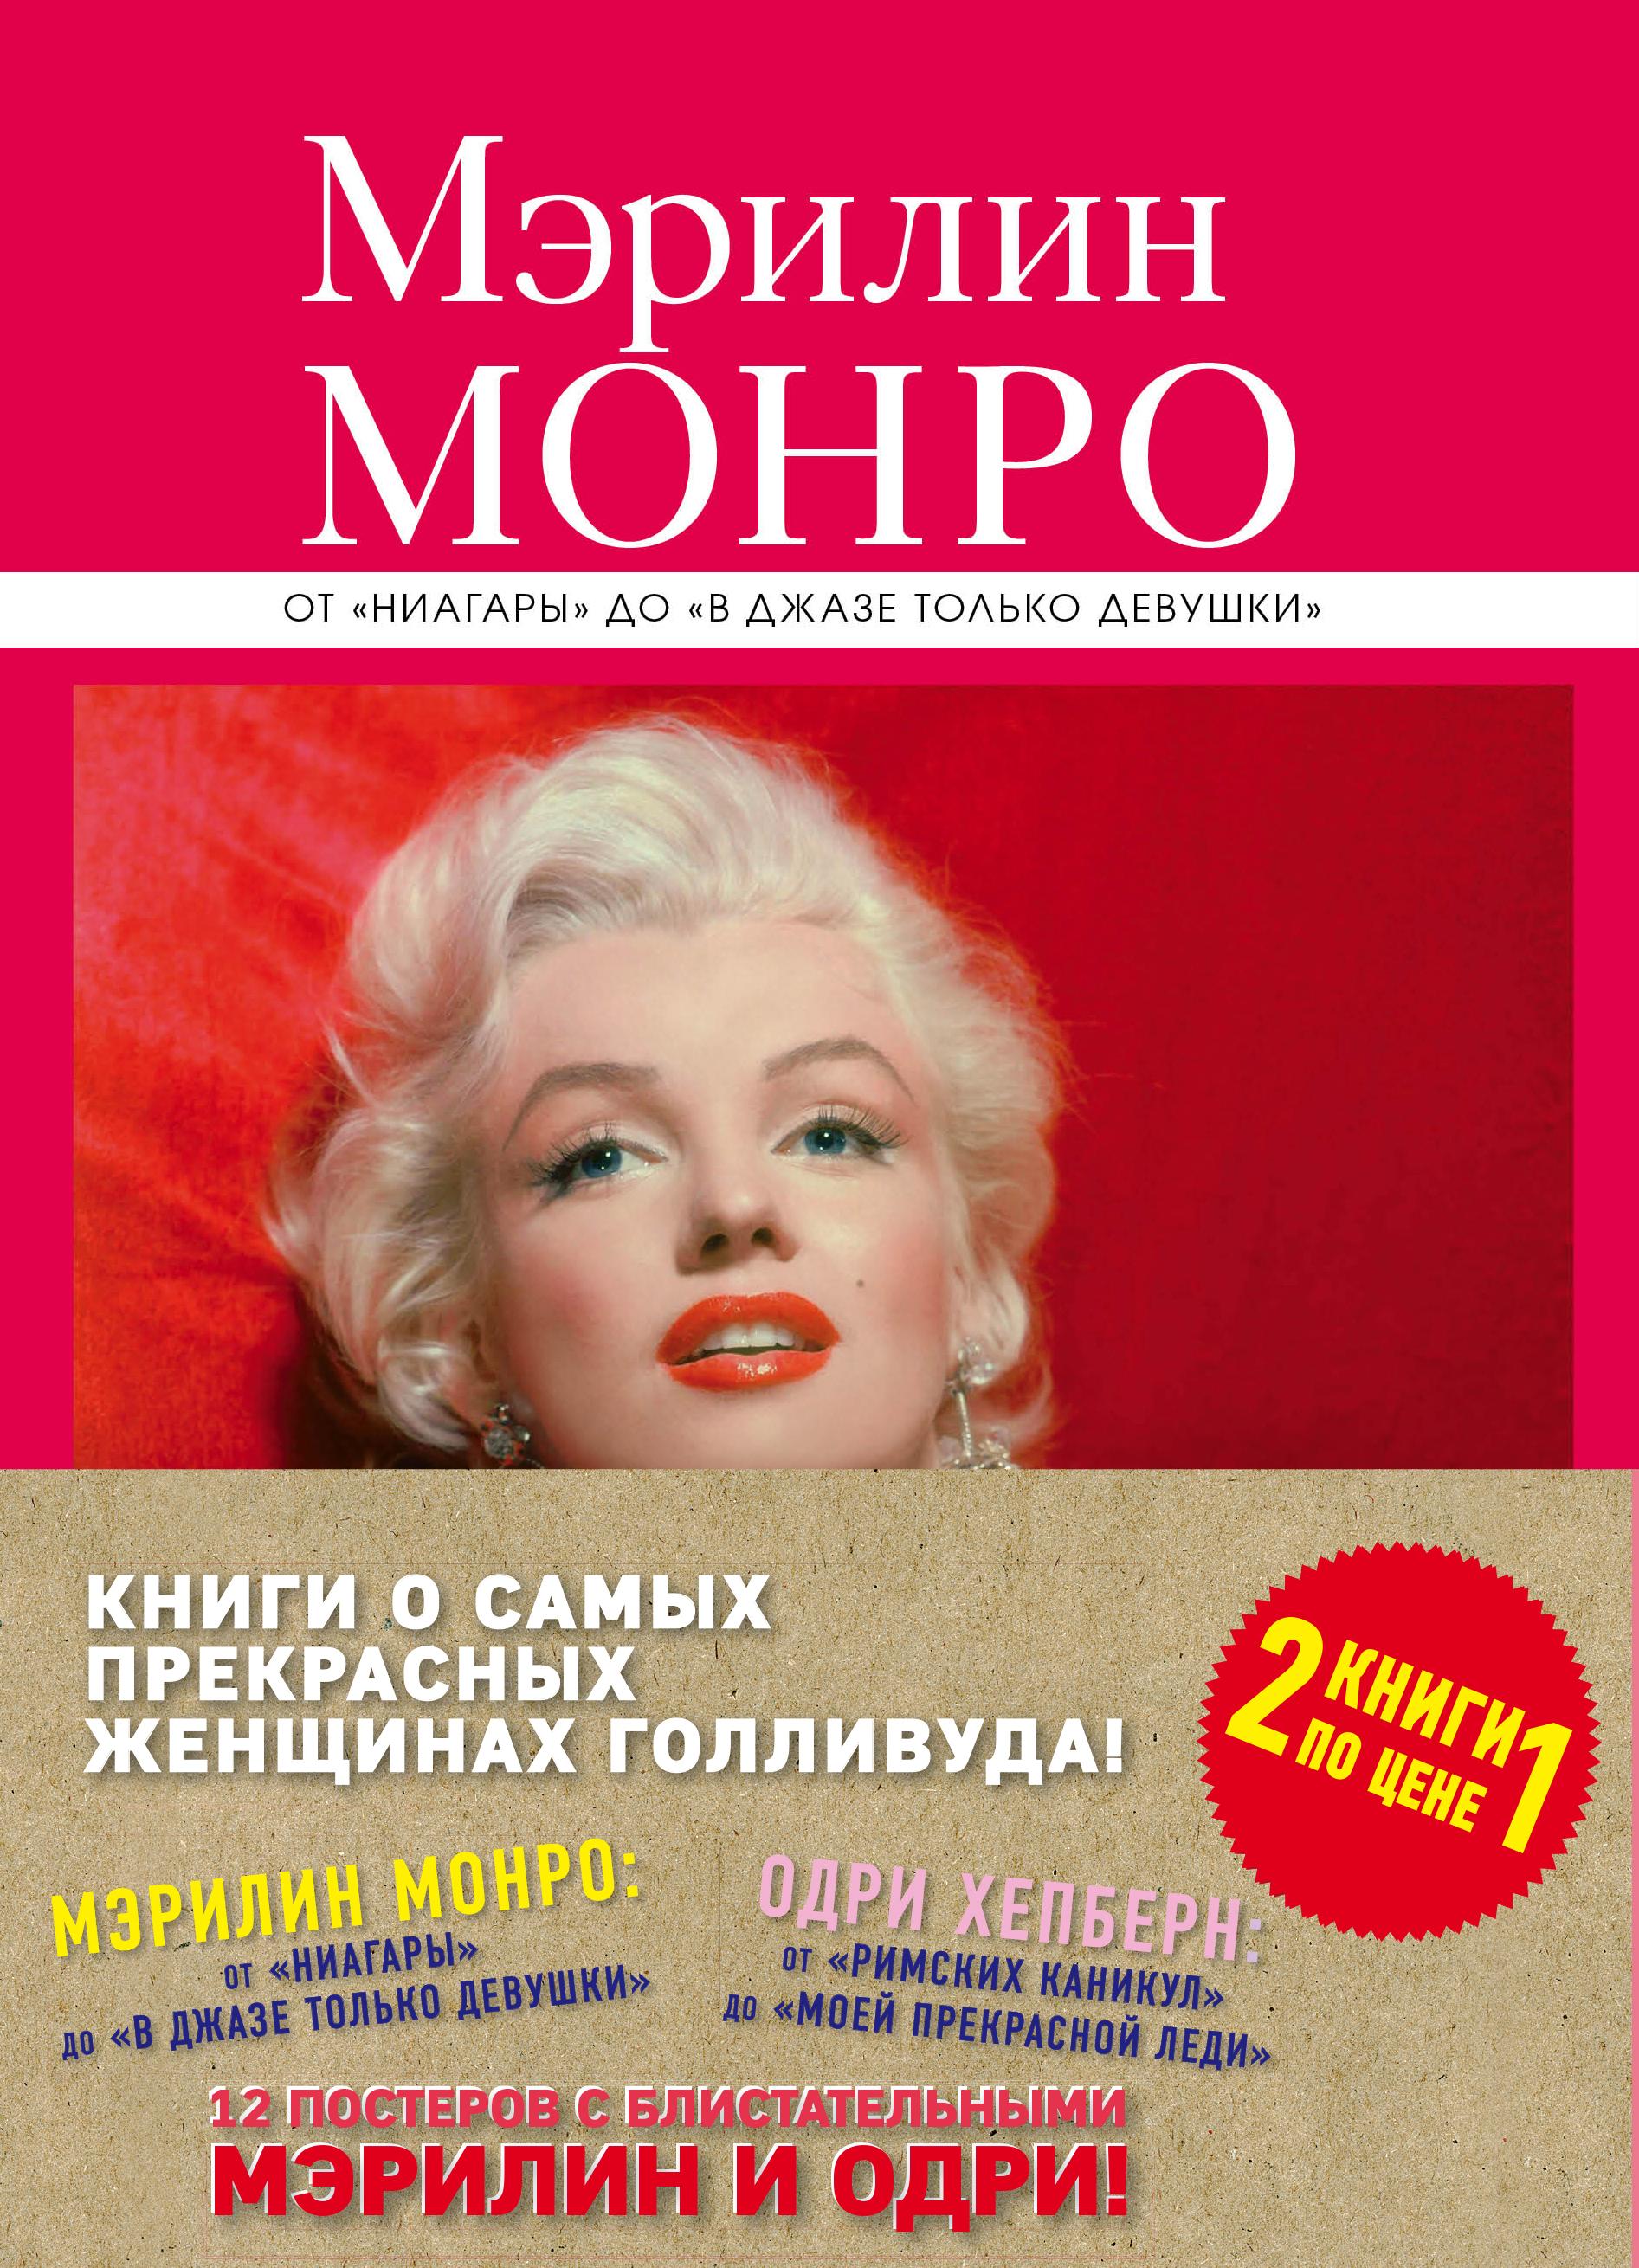 """Комплект """"Великие и легендарные. Книга+плакат"""" (Мэрилин Монро: от """"Ниагары"""" до """"В джазе только девушки""""+Одри Хепберн: от """"Римских каникул"""" до """"Моей прекрасной леди"""") от book24.ru"""